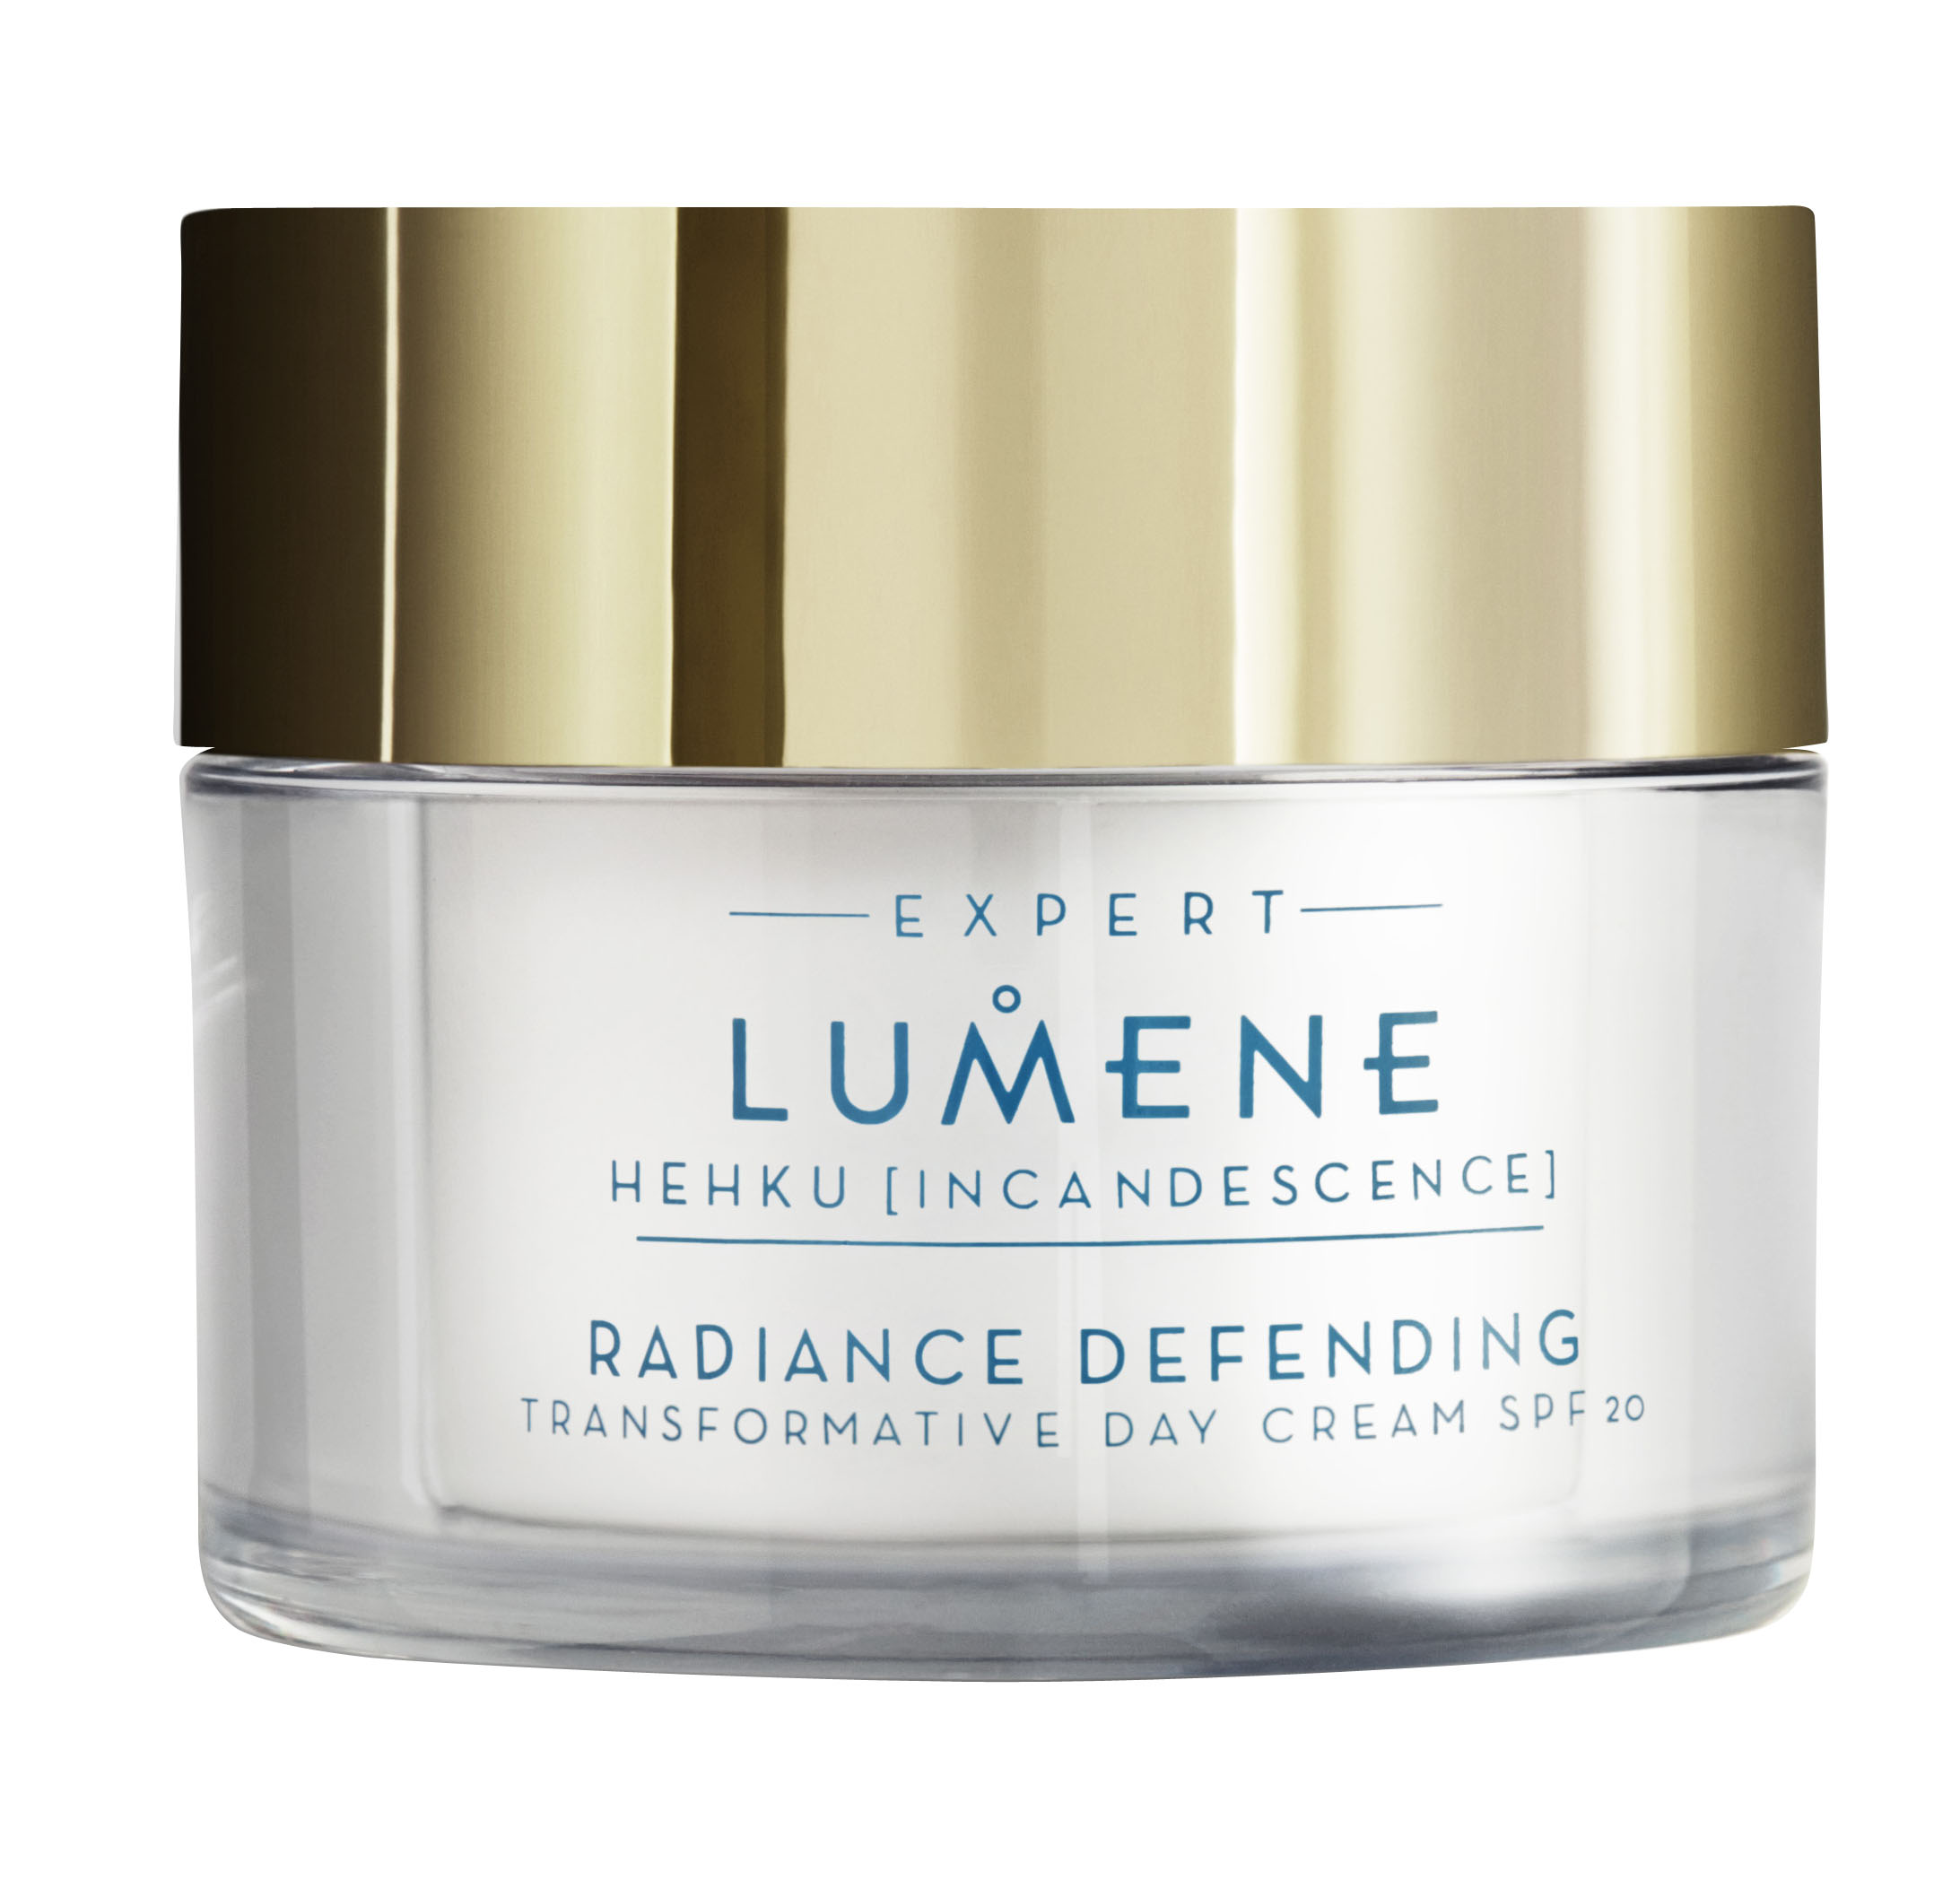 Lumene Hehku Восстанавливающий дневной крем-уход SPF 20, возвращающий сияние, 50 мл lumene valo придающий сияние дневной крем vitamin c 50 мл